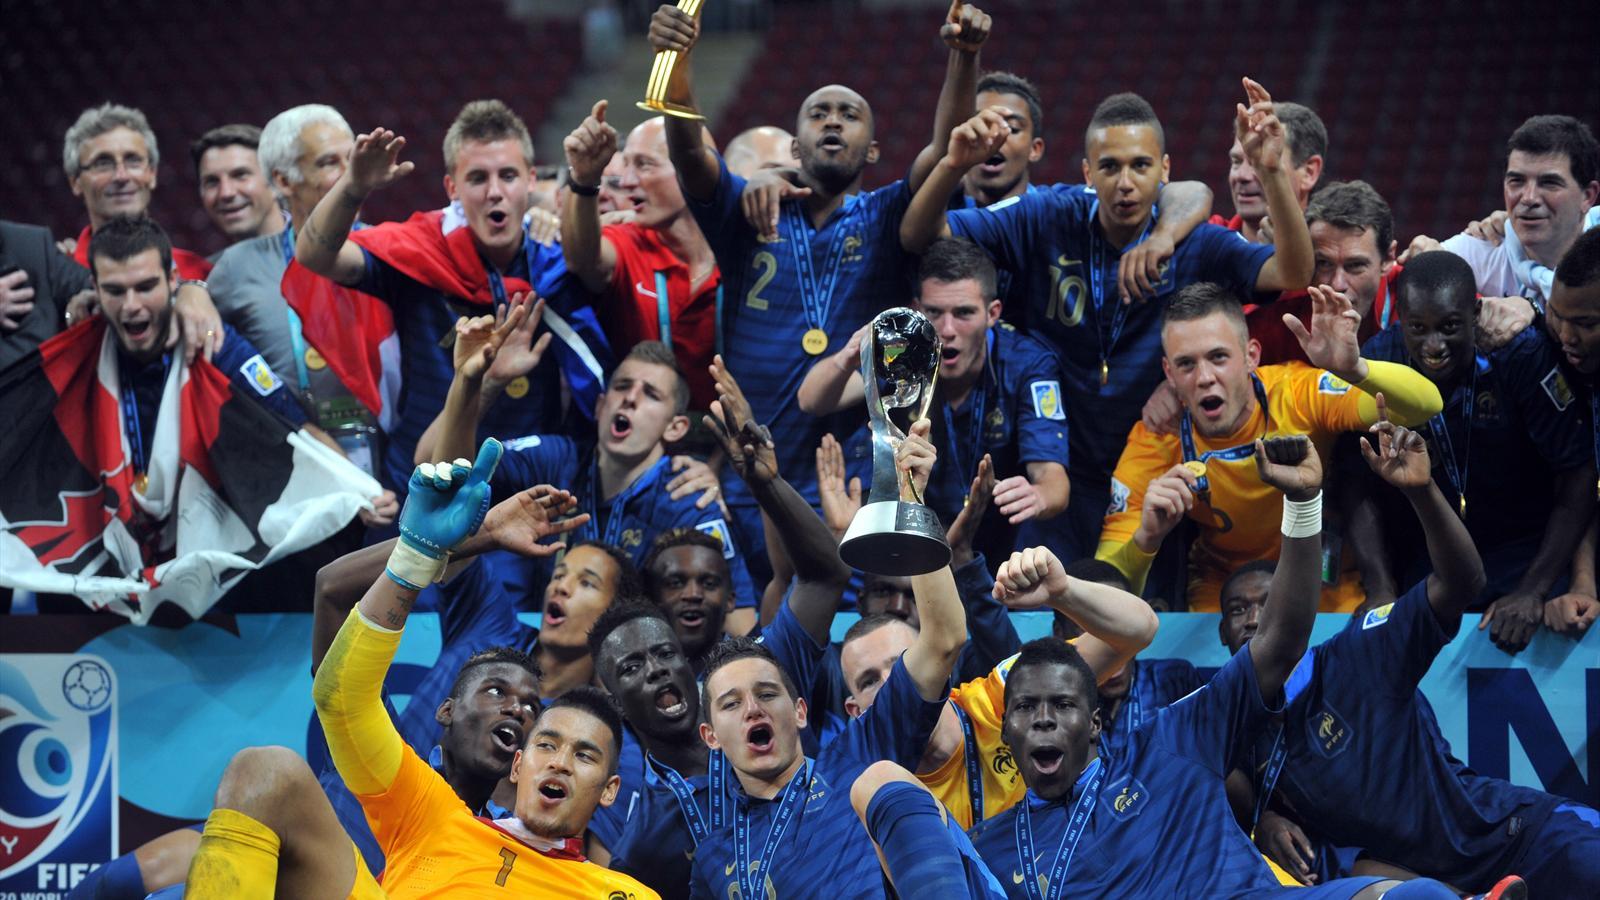 France u20 uruguay u20 le bleuets champions du monde pour la premi re fois coupe du monde - Coupe du monde de rugby u20 ...